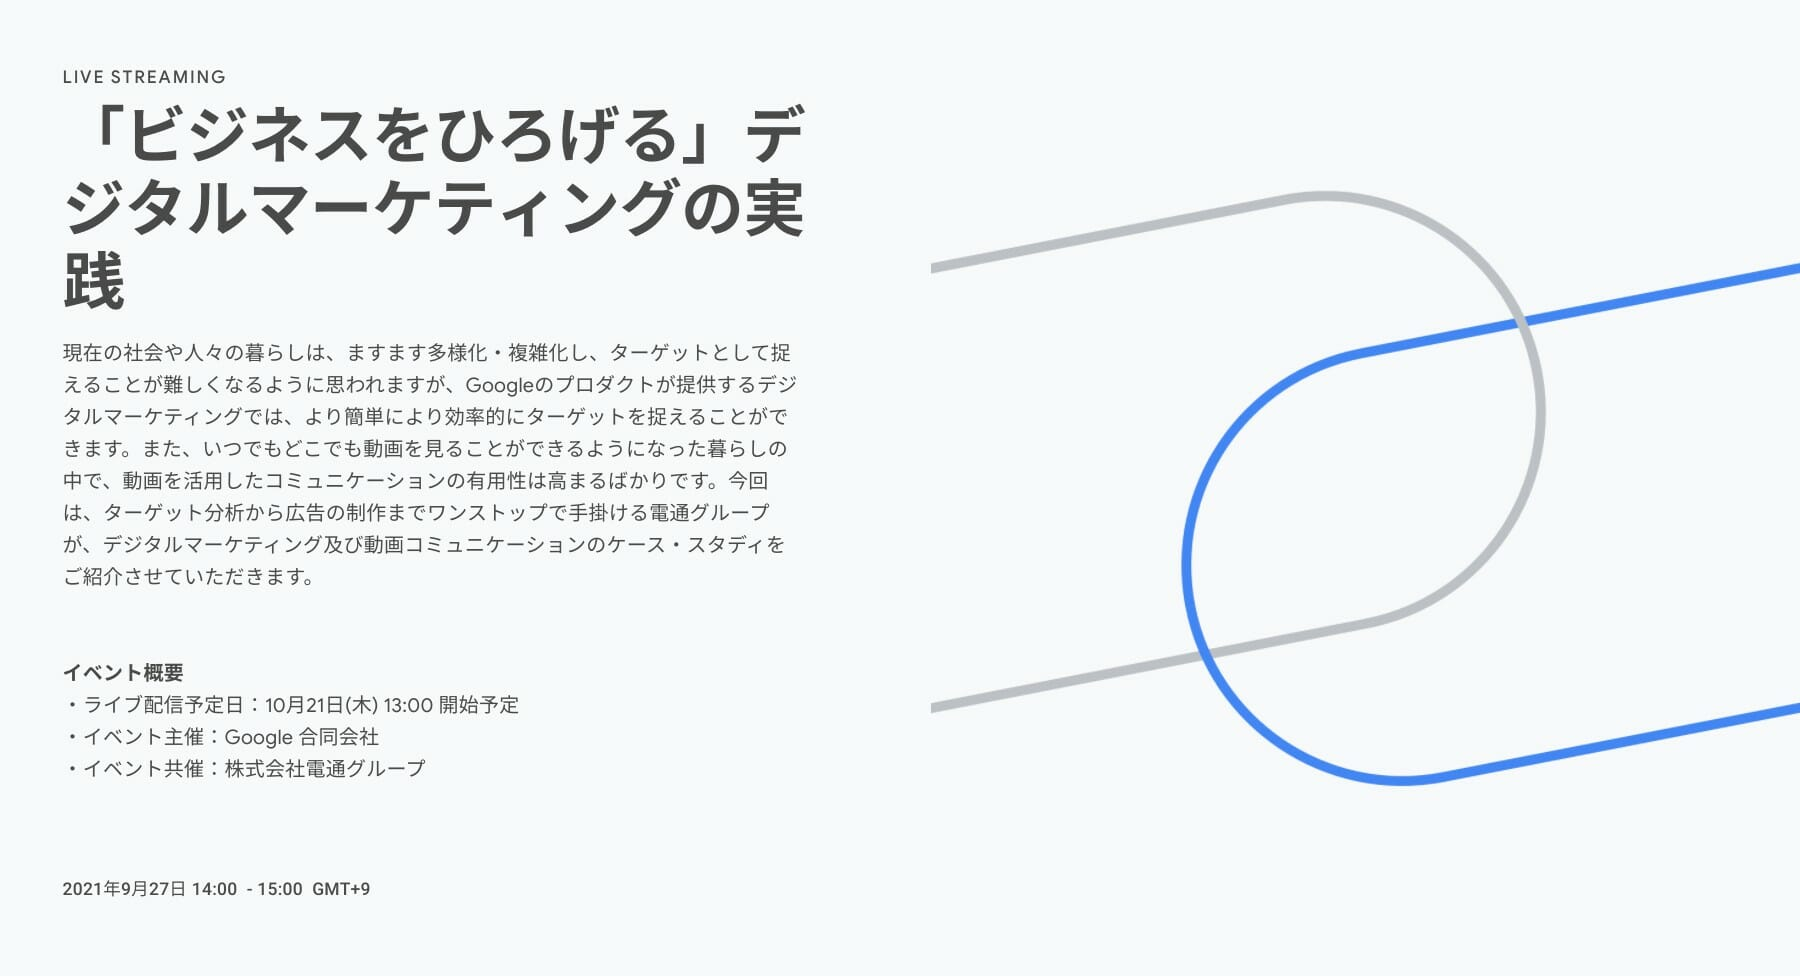 [Google 広告] 「ビジネスをひろげる」デジタルマーケティングの実践